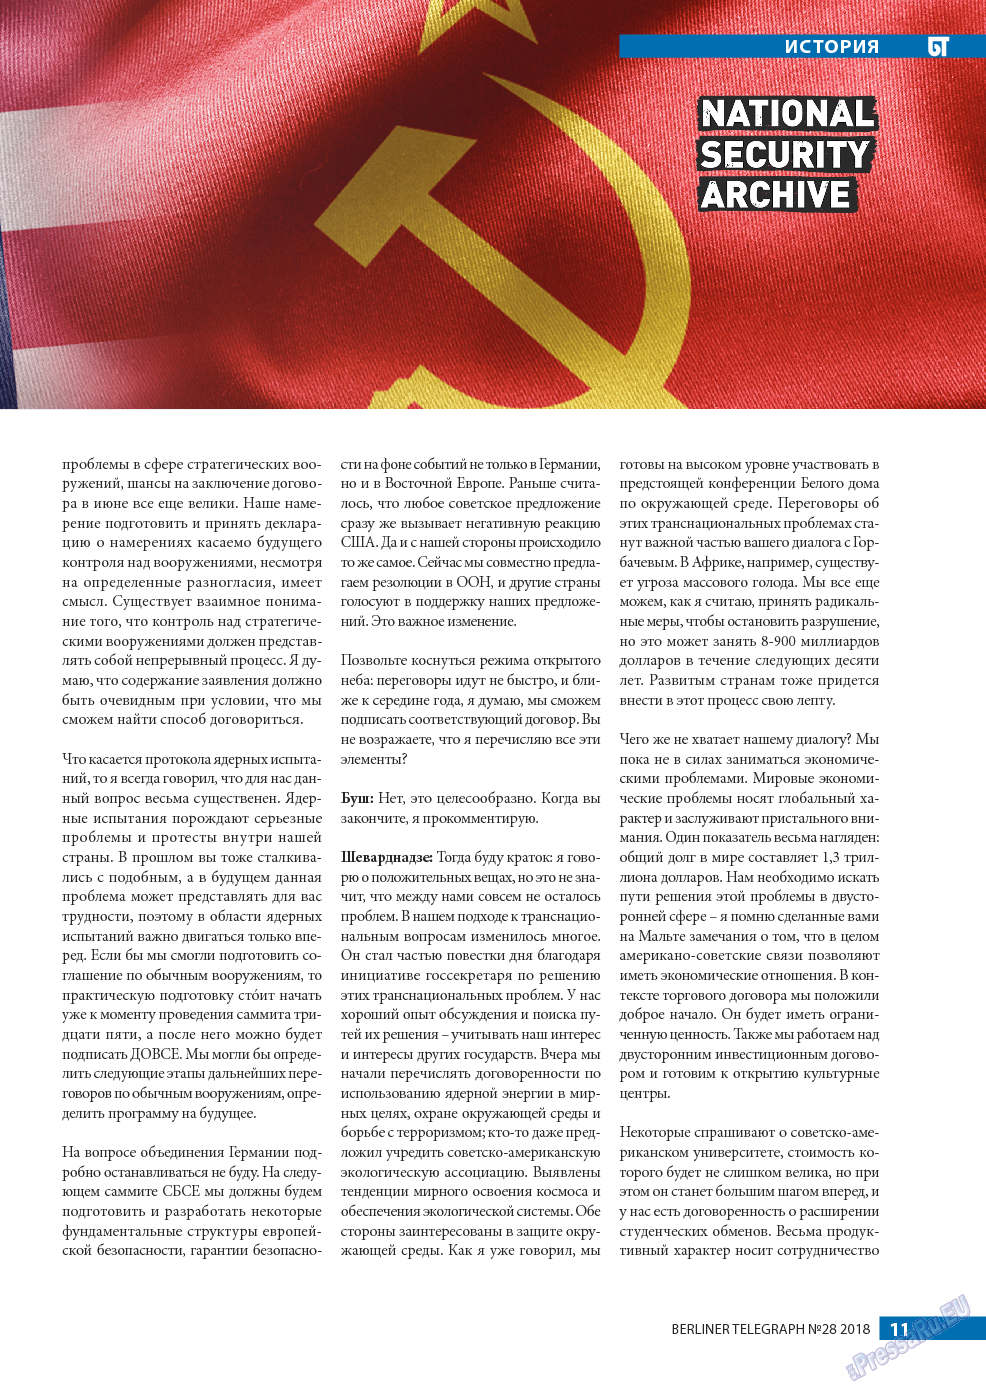 Берлинский телеграф (журнал). 2018 год, номер 28, стр. 11